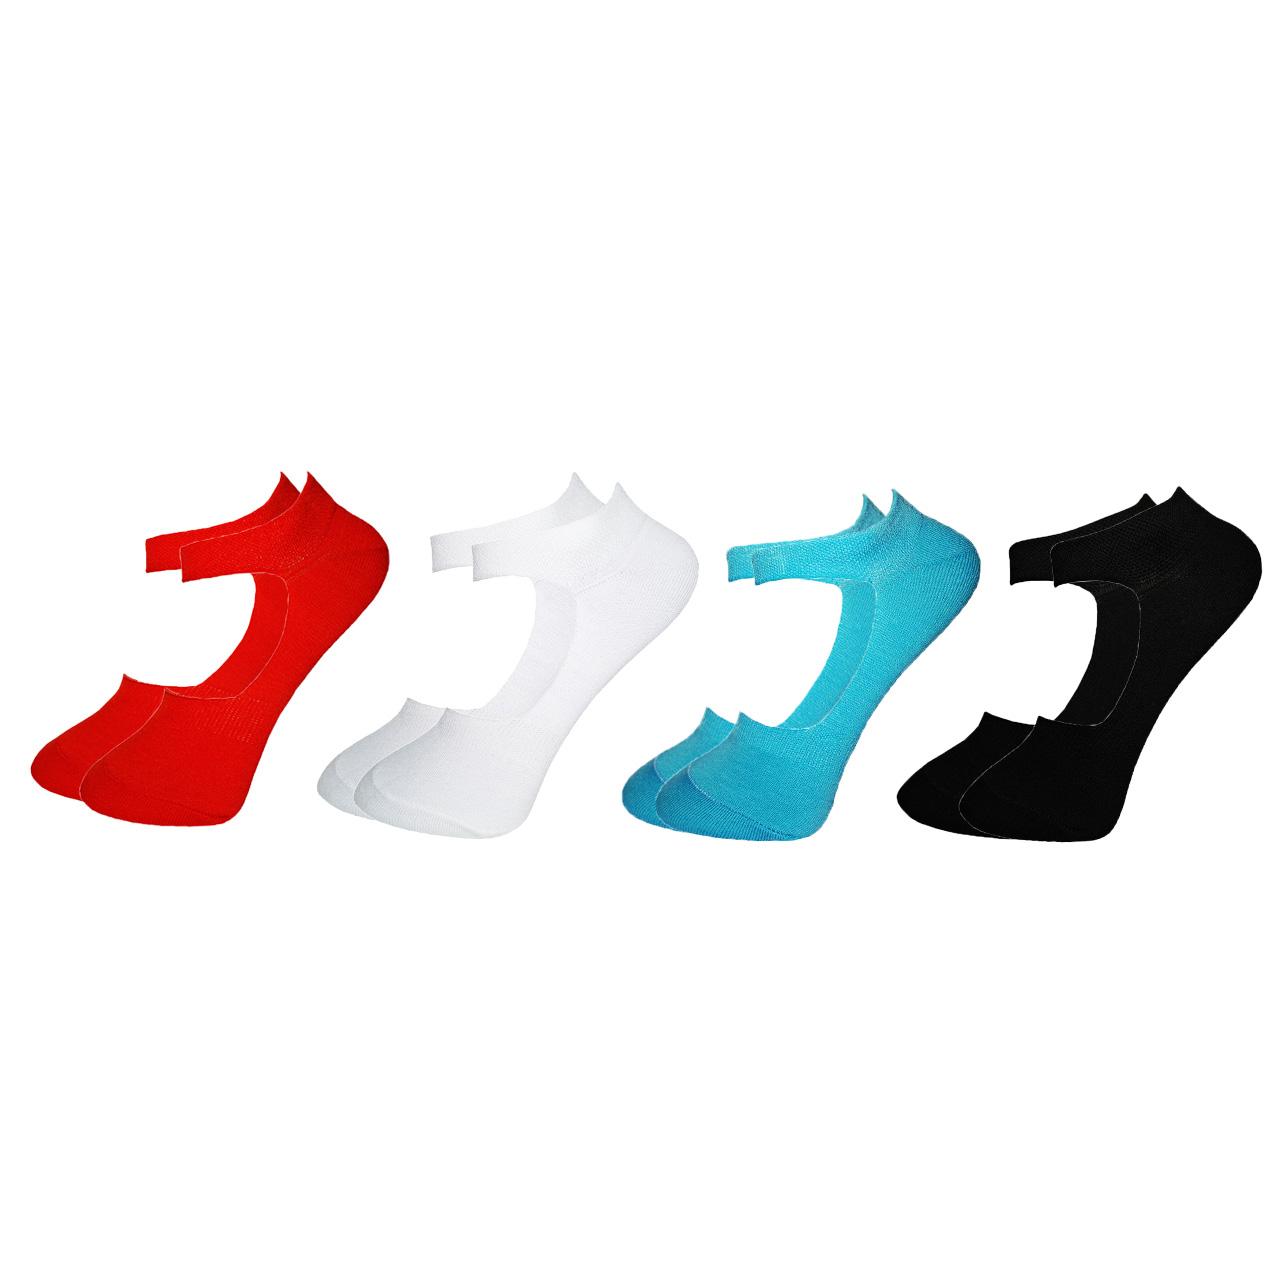 جوراب زنانه زند مدل B N - 4 R مجموعه 4 عددی